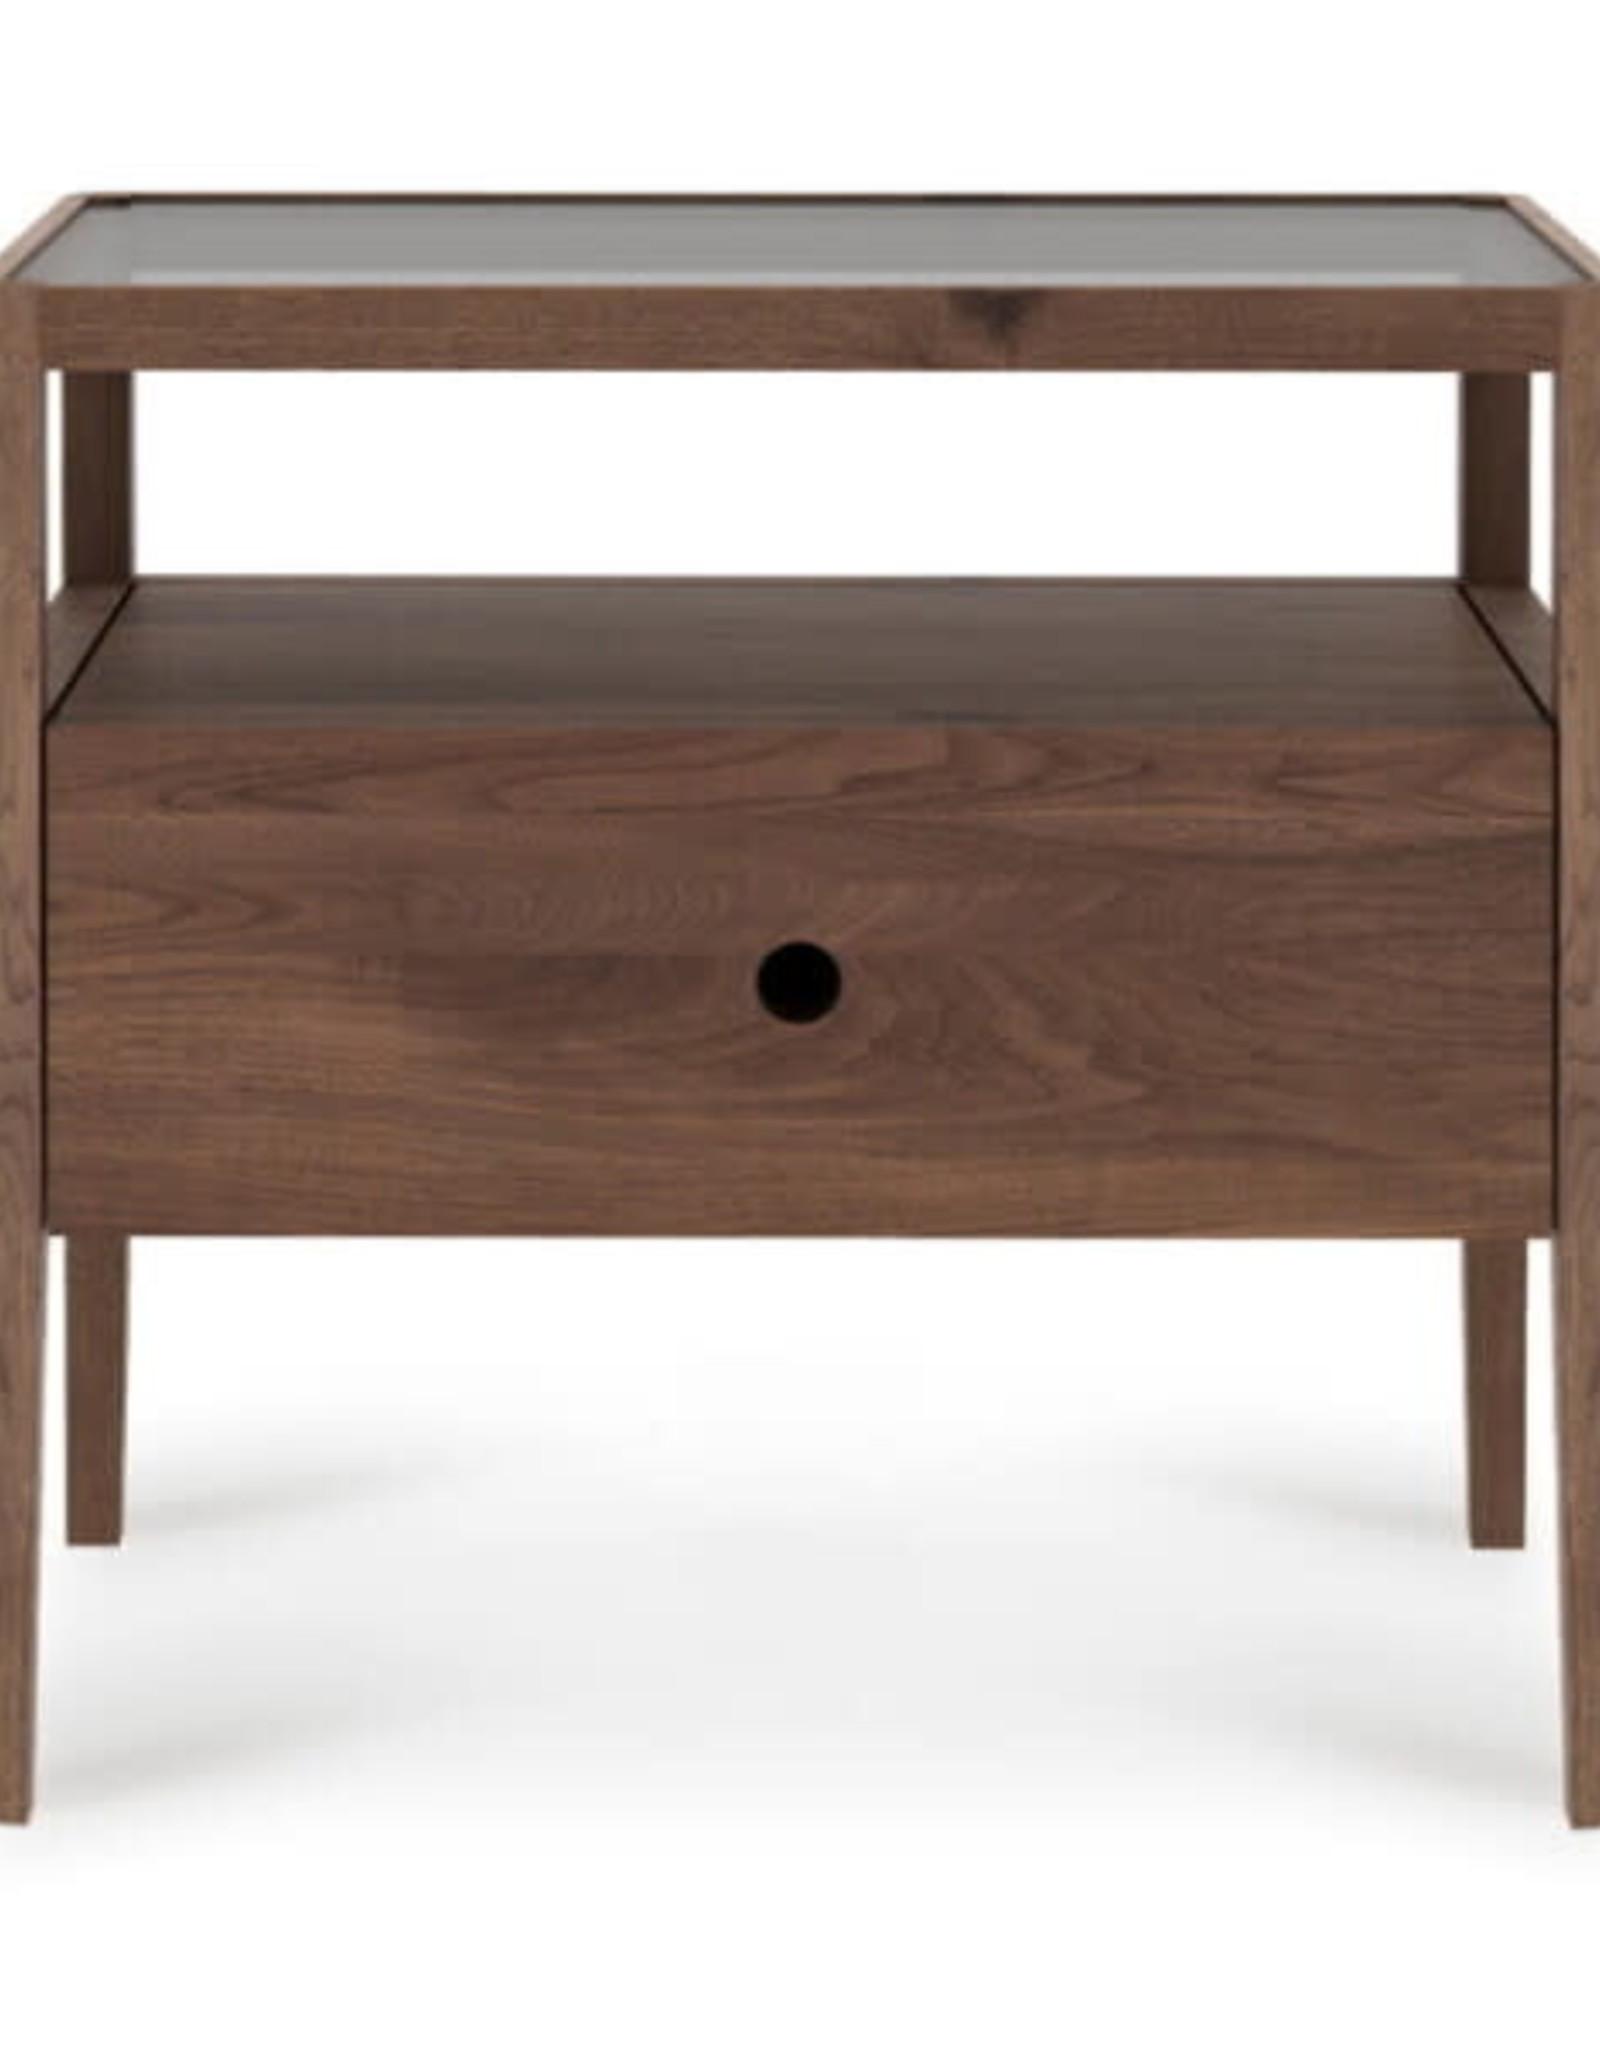 Walnut Spindle bedside table - 1 drawer